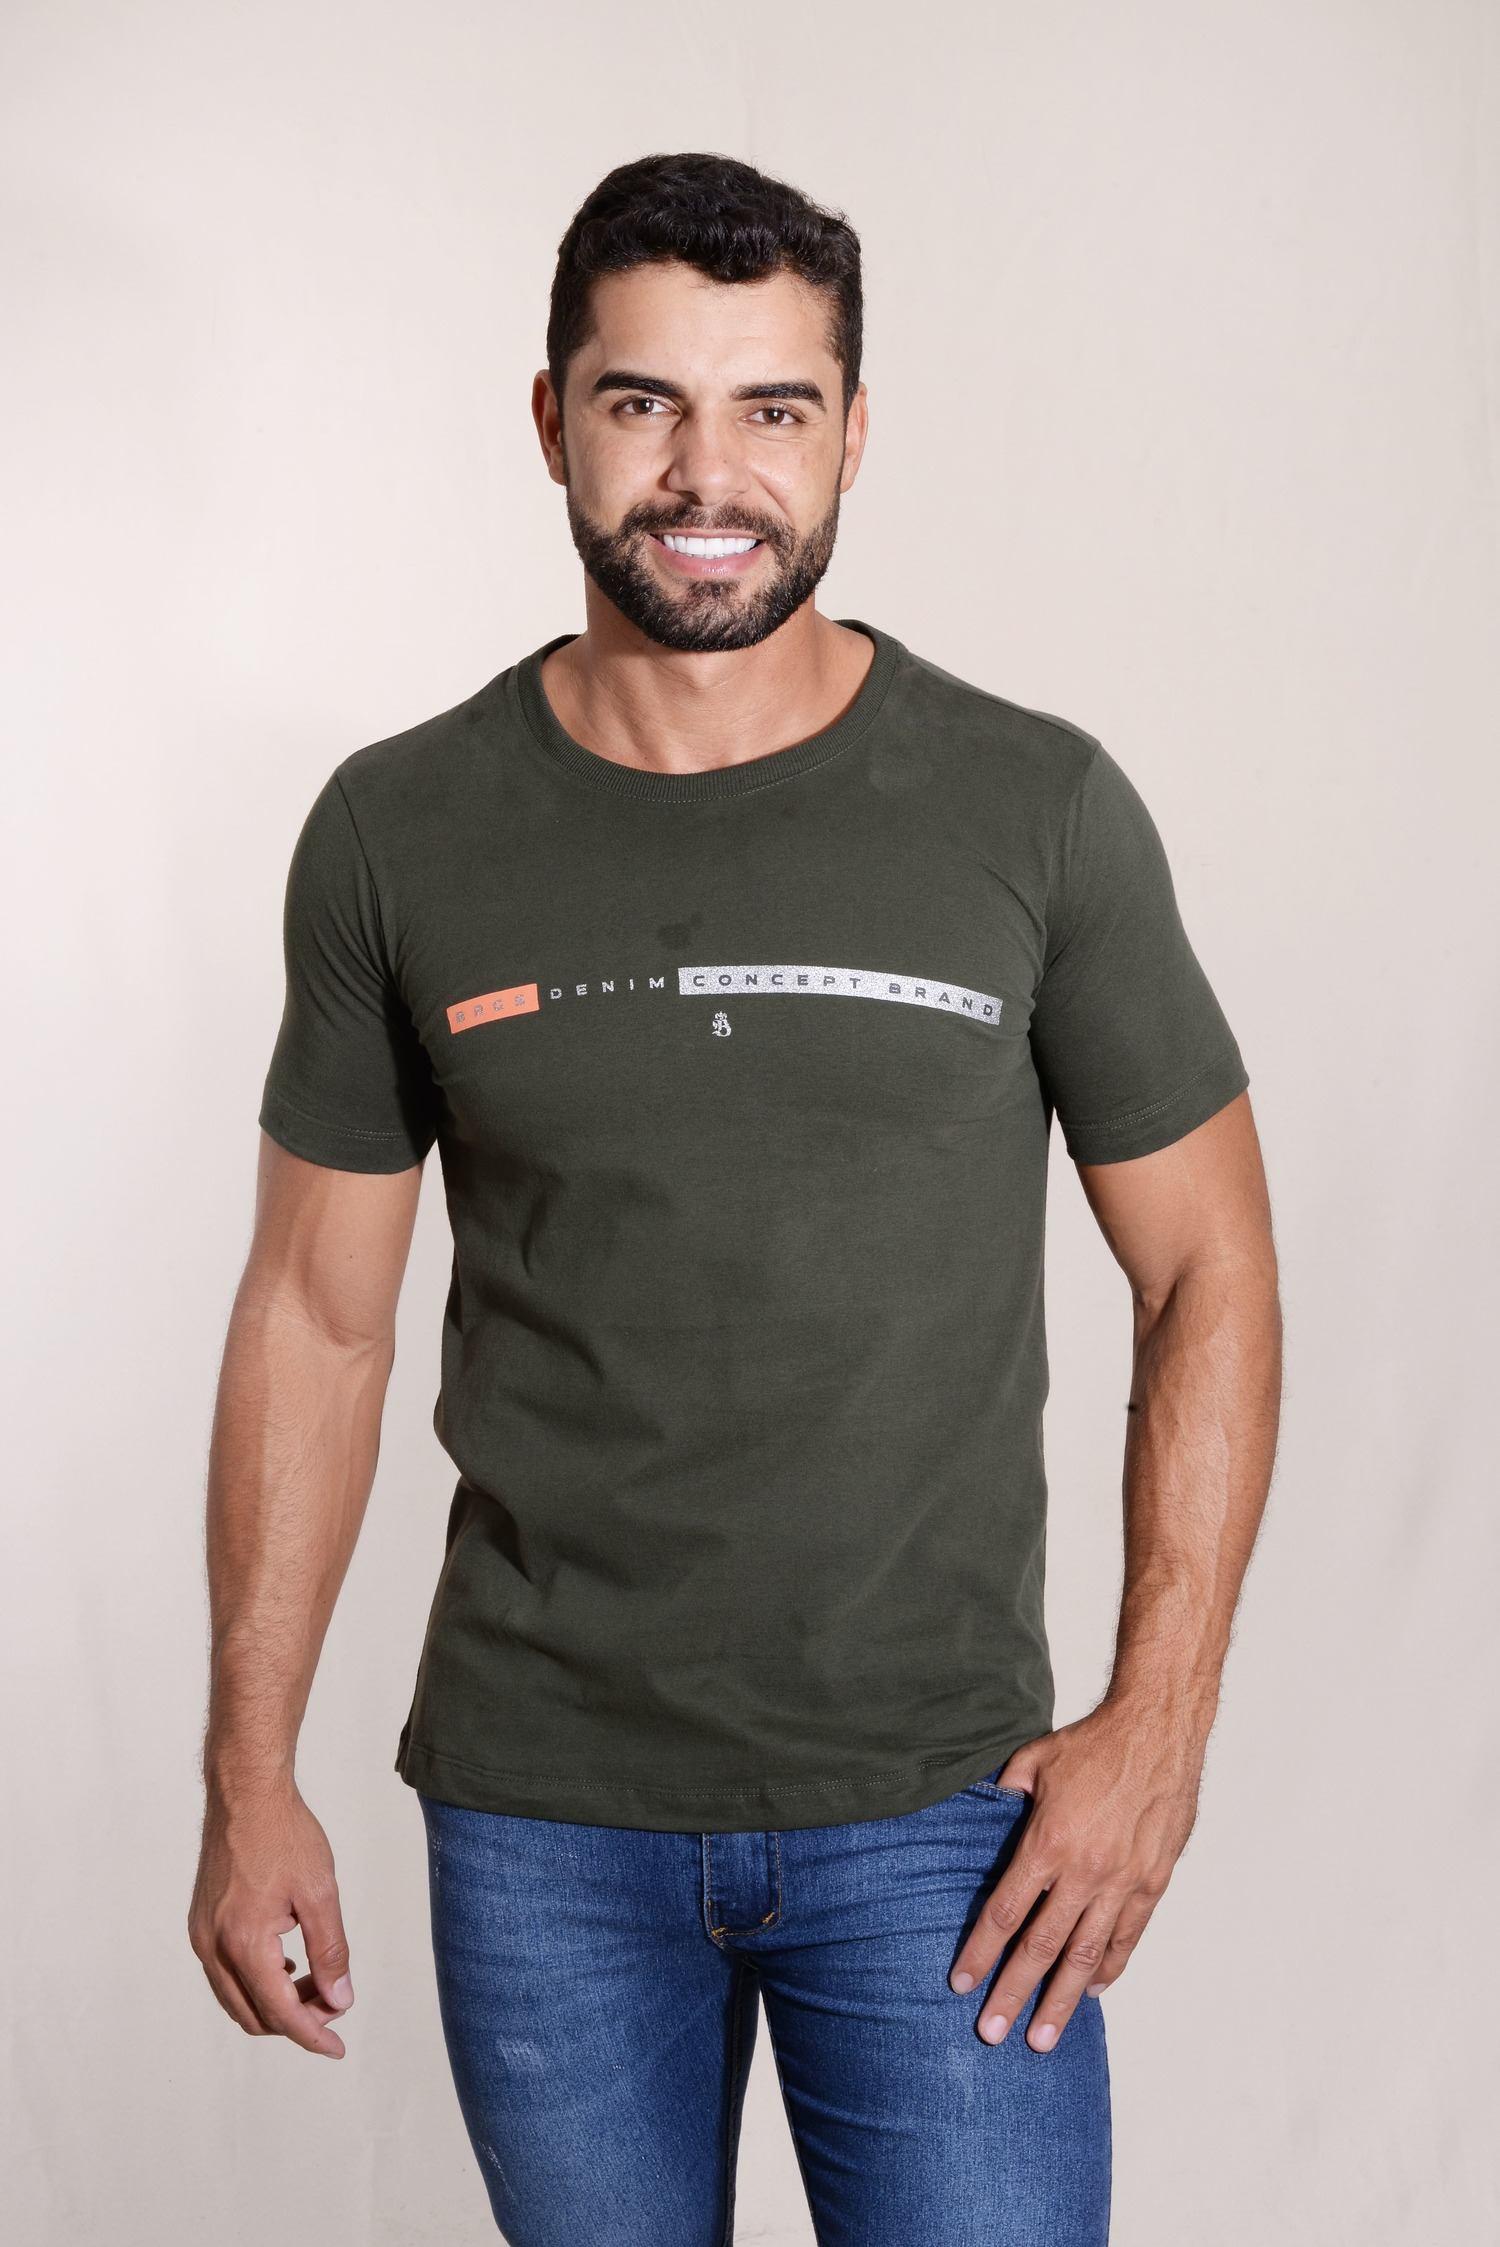 Camiseta Concept Malha 100% Algodão Silk com Detalhes em Cromo Burguês